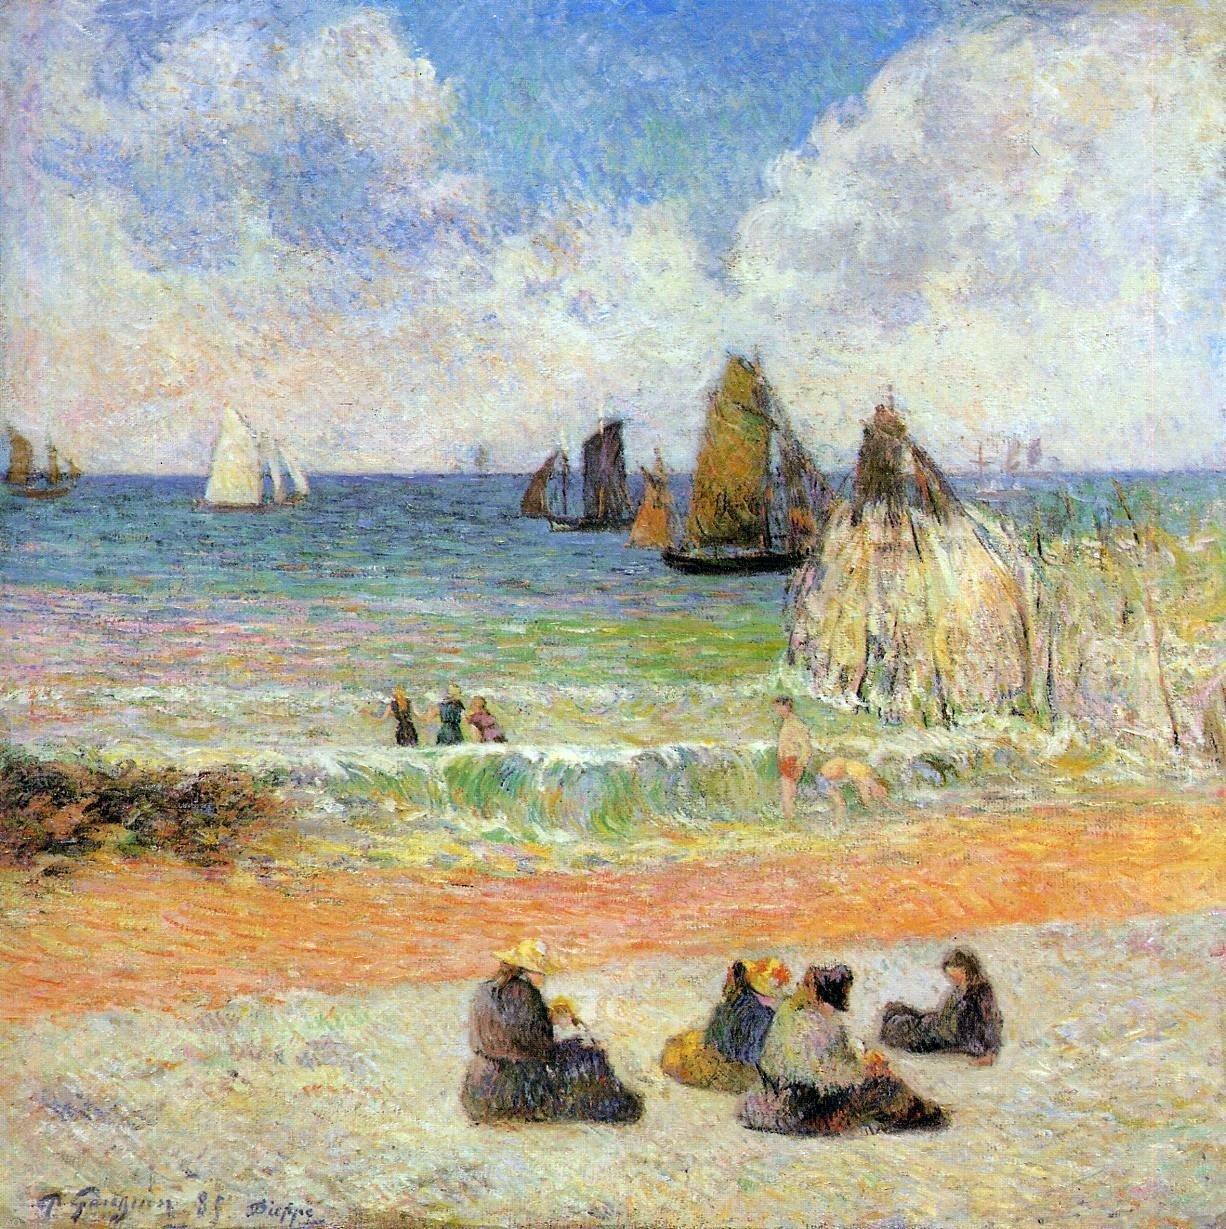 Морской пейзаж Купание, Дьепп :: Поль Гоген - Paul Gauguin фото